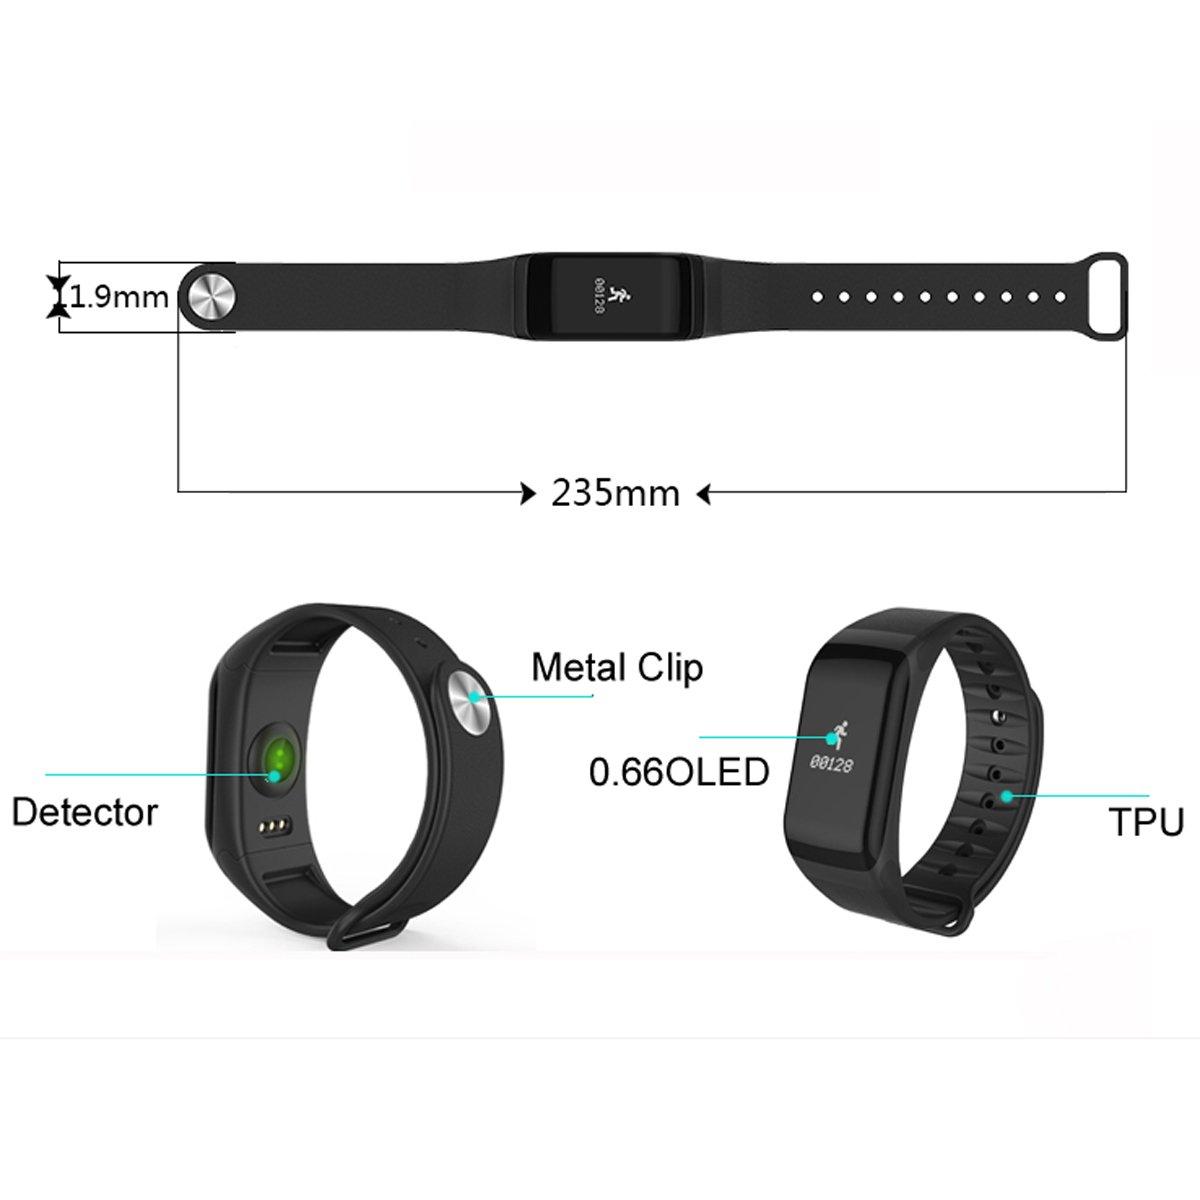 Hombres Mujeres Pulsera inteligente podómetro calorías Heart Rate Monitor presión arterial deporte relojes: Amazon.es: Relojes